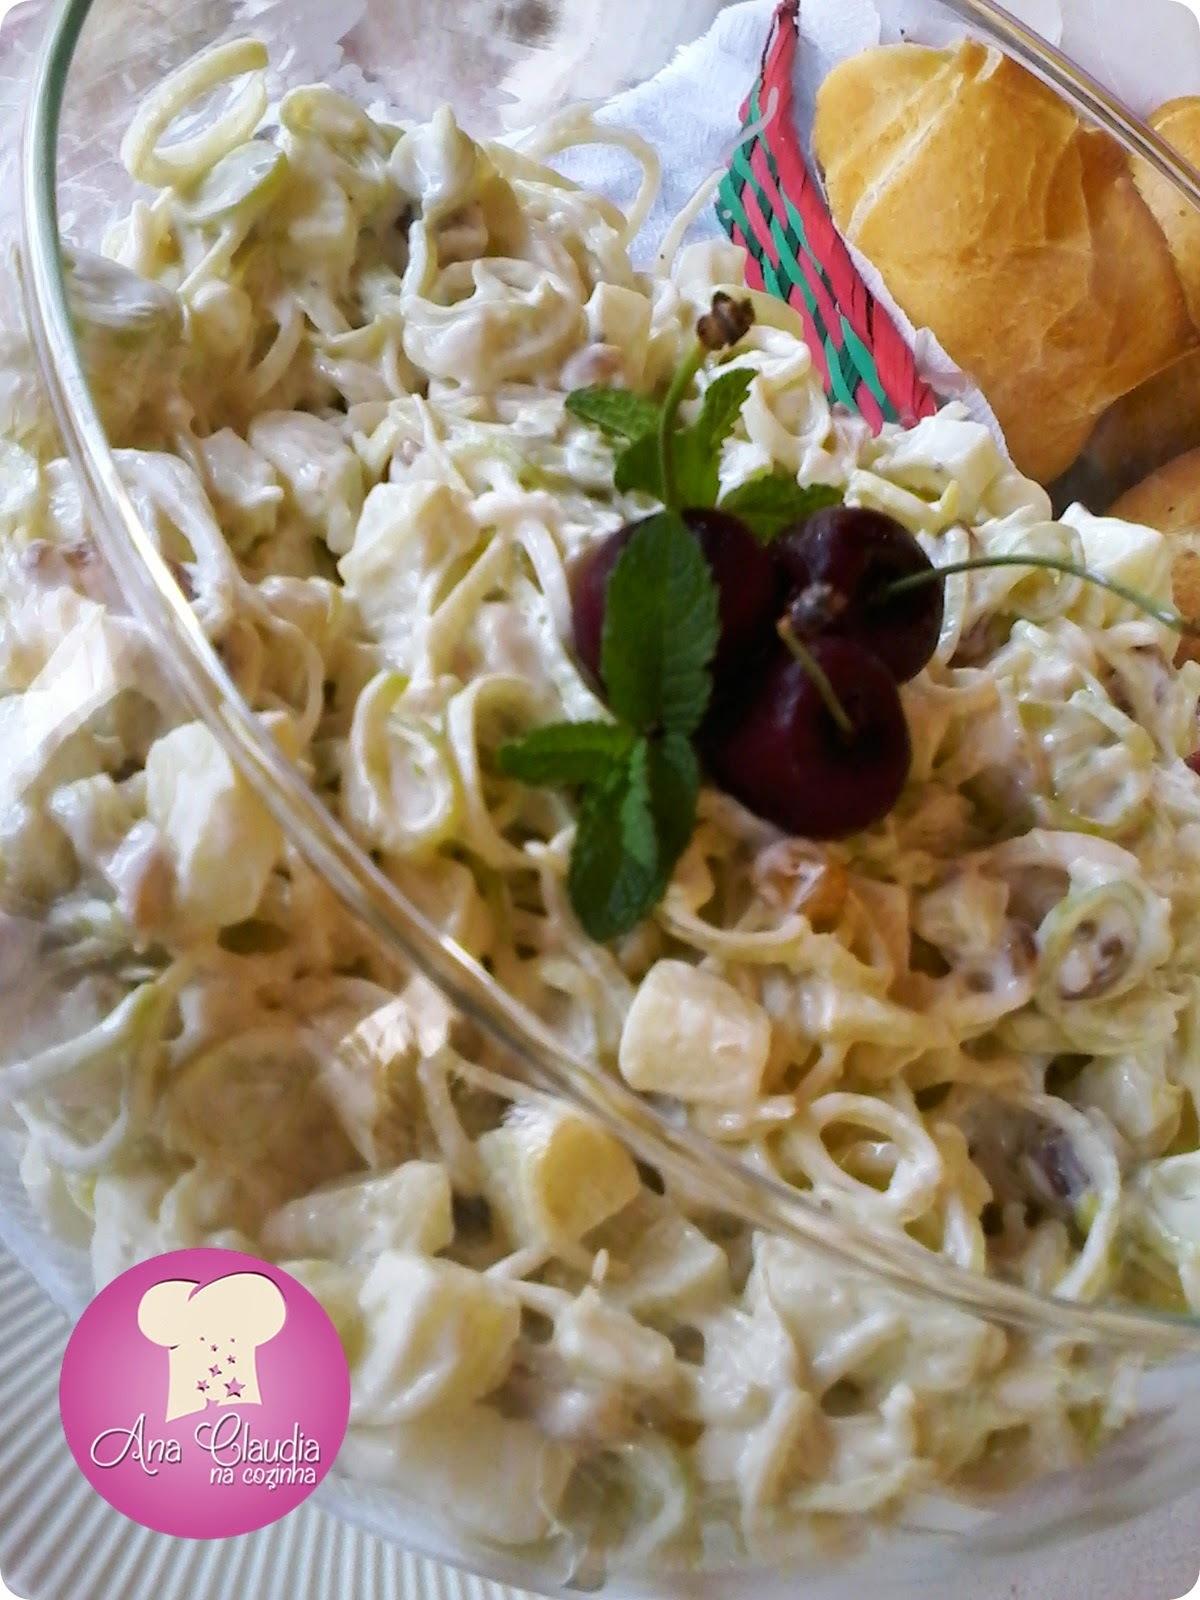 Salada de Alho Porò com Maçã Verde